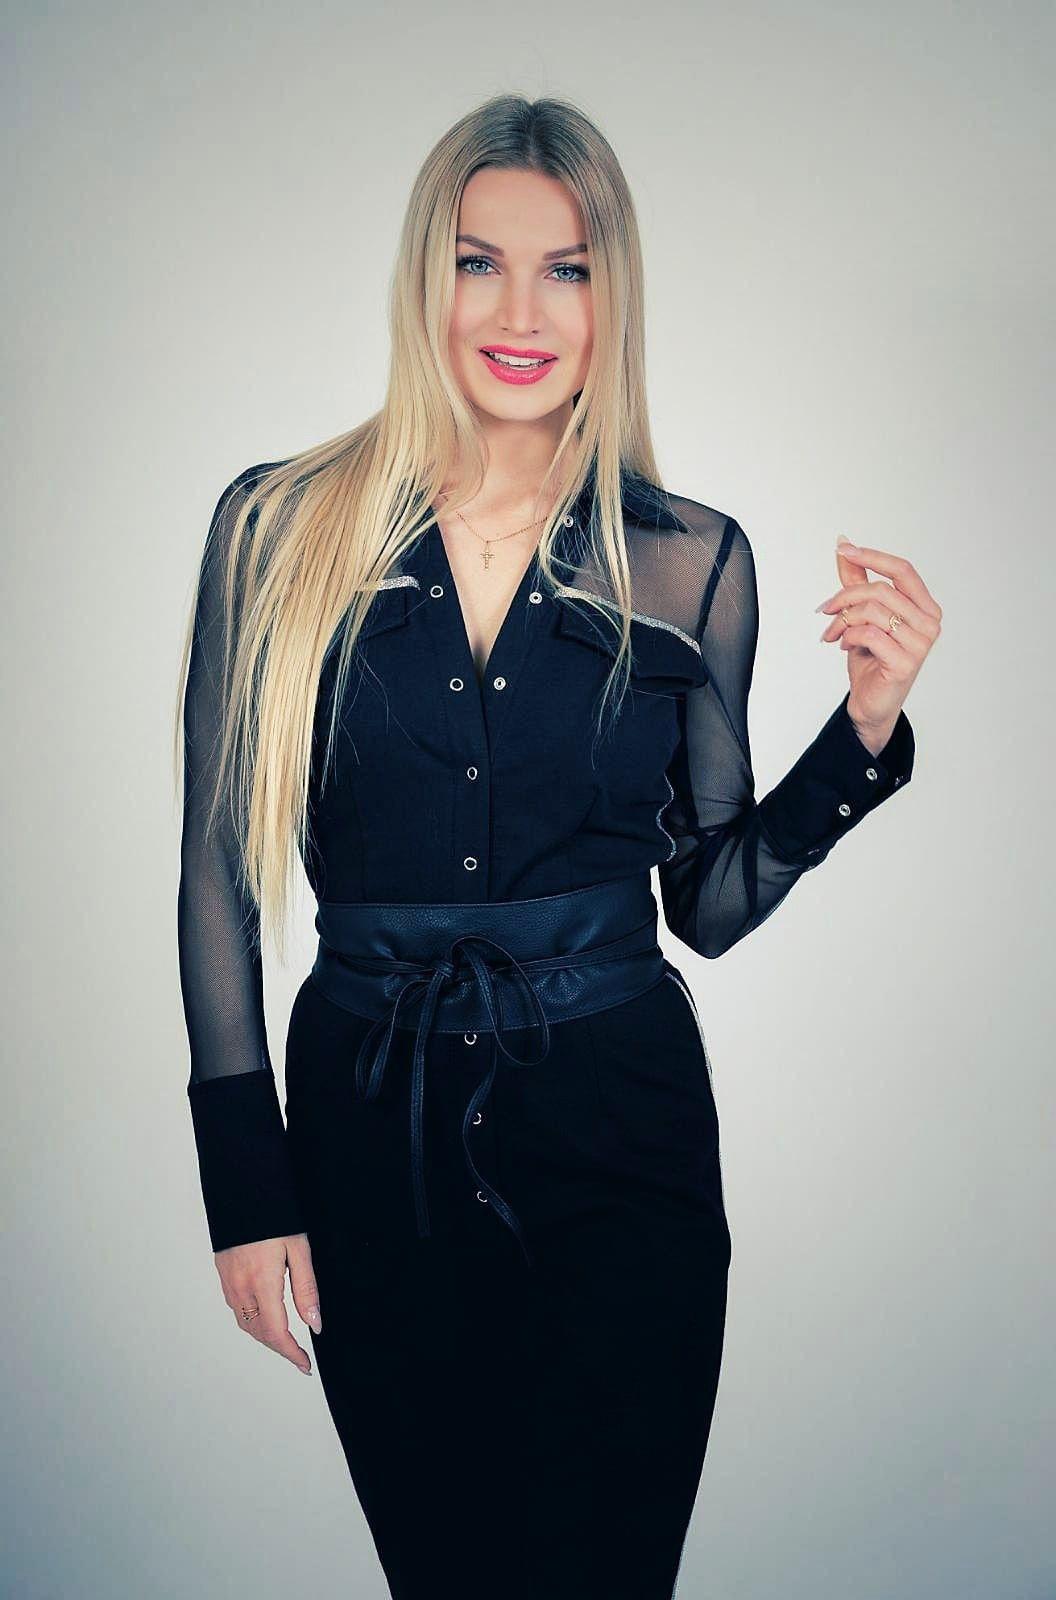 Katja Kalugina war vor ihrer Karriere als Tänzerin Model. Die gebürtige Russin ist 25 und lebt in Berlin.